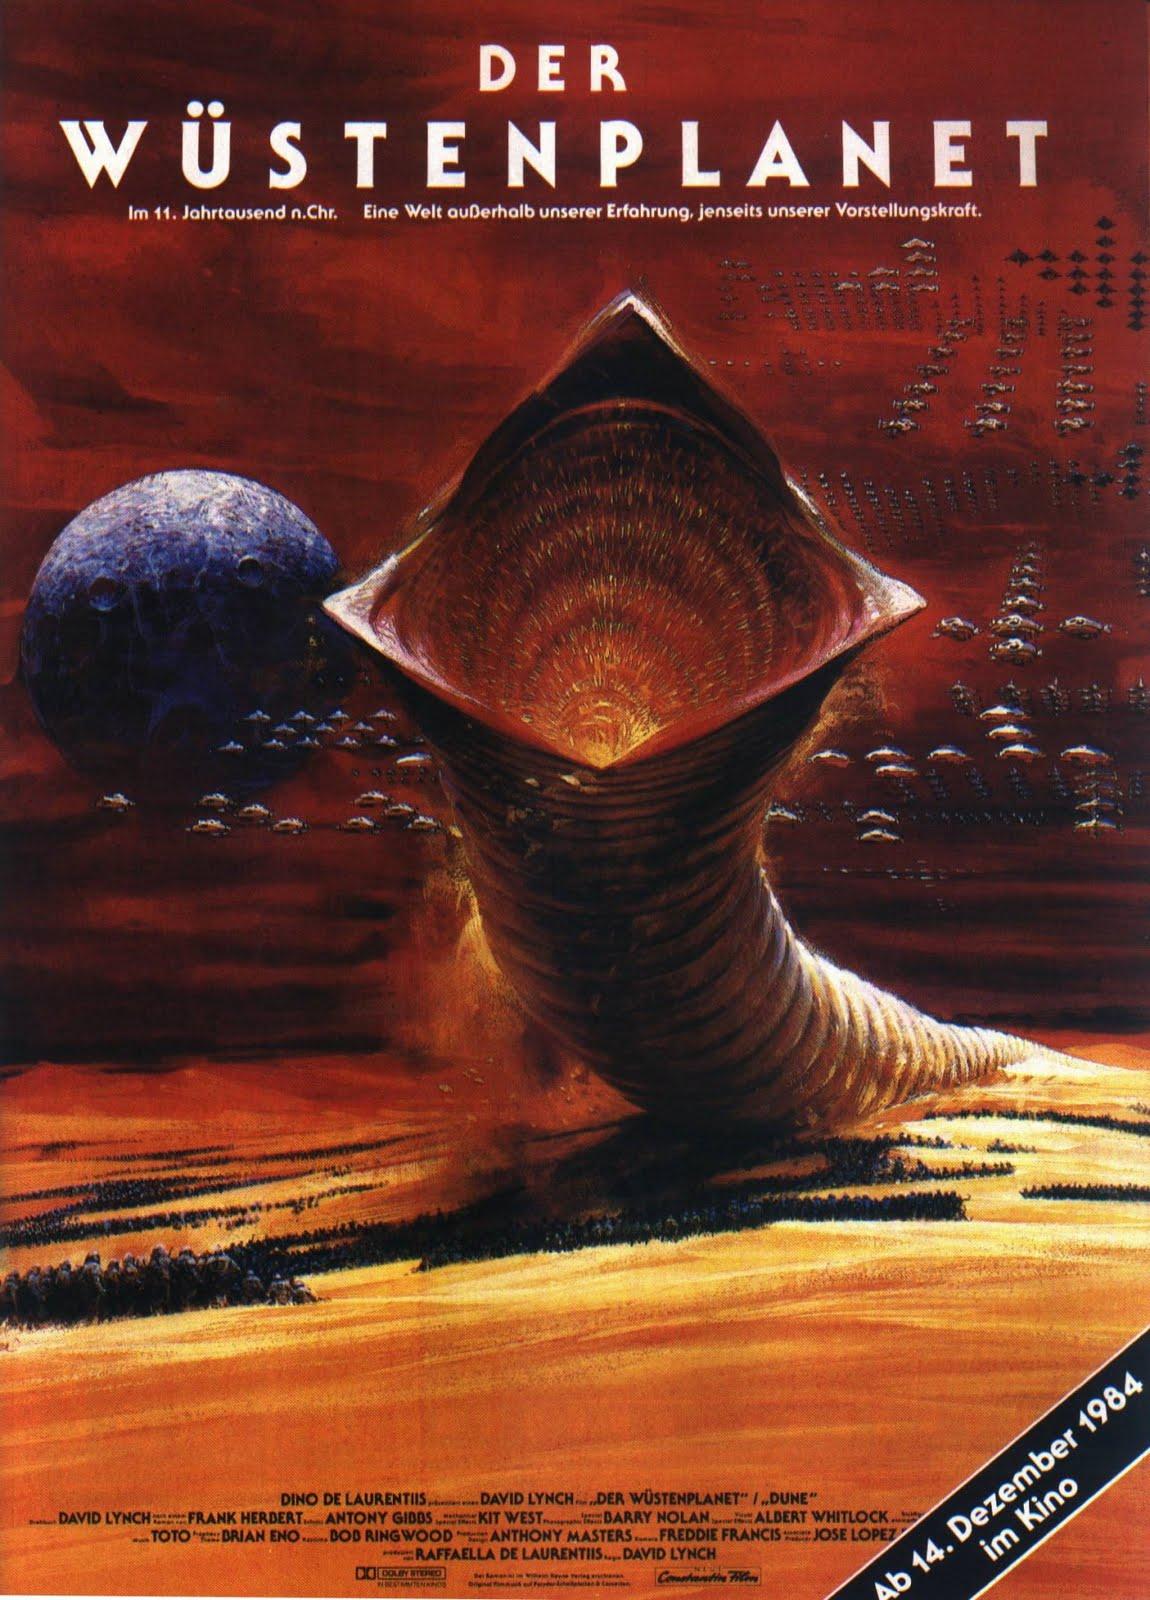 Der Wüstenplanet Film